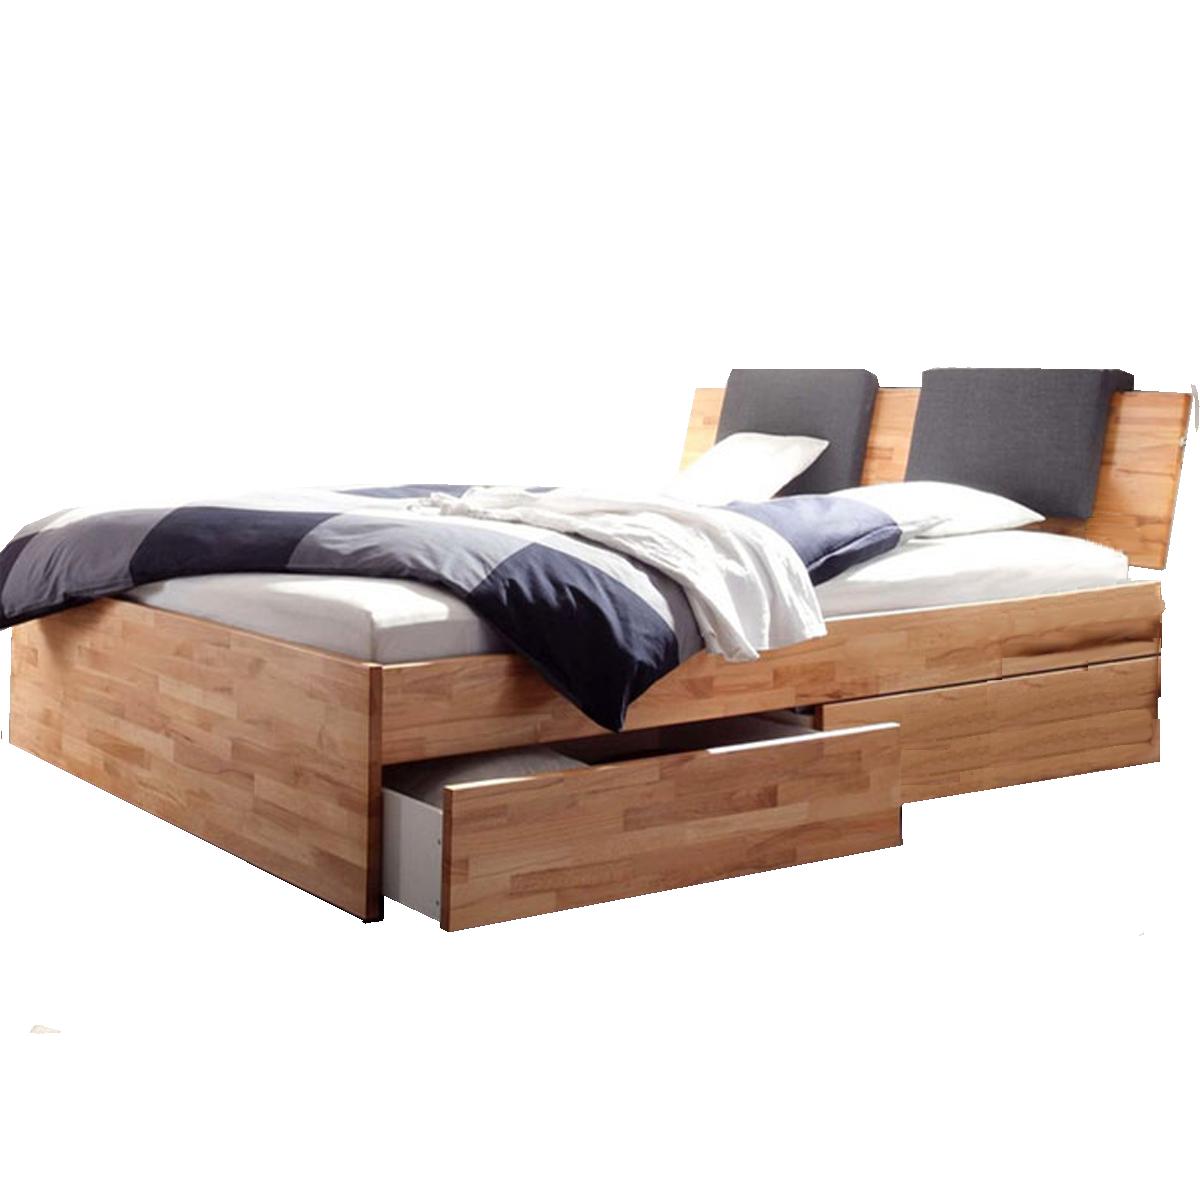 Full Size of Bett Günstig Hasena Funtion Comfort Spazio Standard Gnstig Kaufen Roba Stauraum 160x200 Schramm Betten Bei Ikea Rattan Somnus Küche Ebay 180x200 Bett Bett Günstig